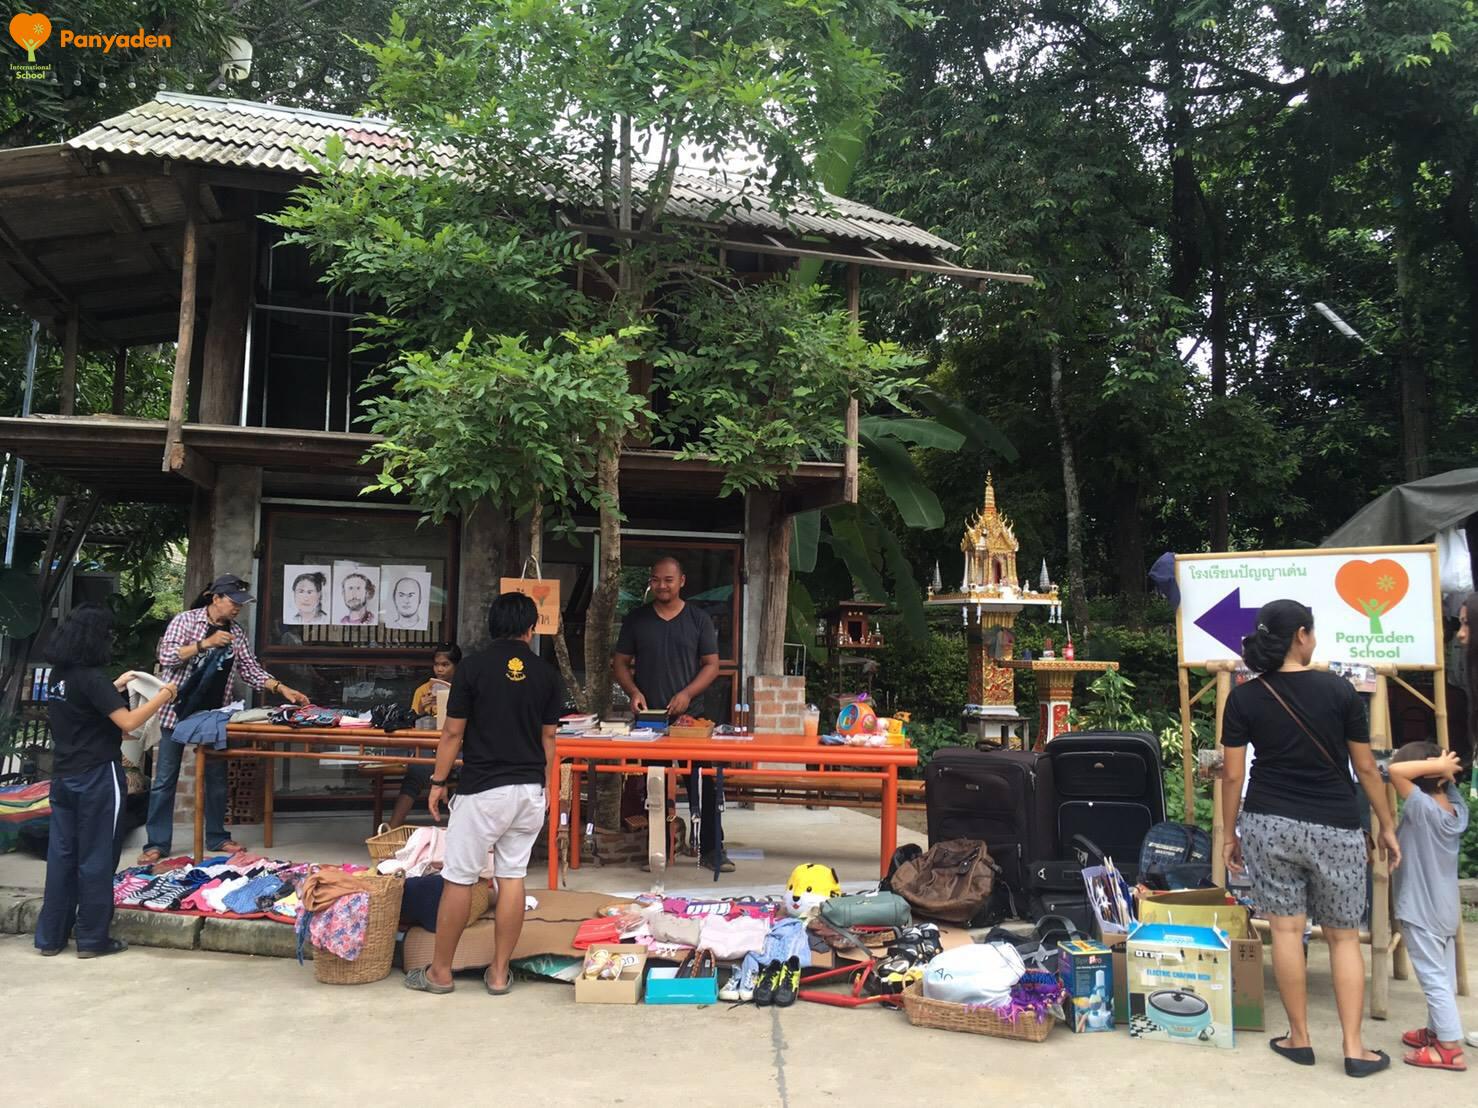 Rebuilding Panyaden fundraiser at Baan Kang Wat